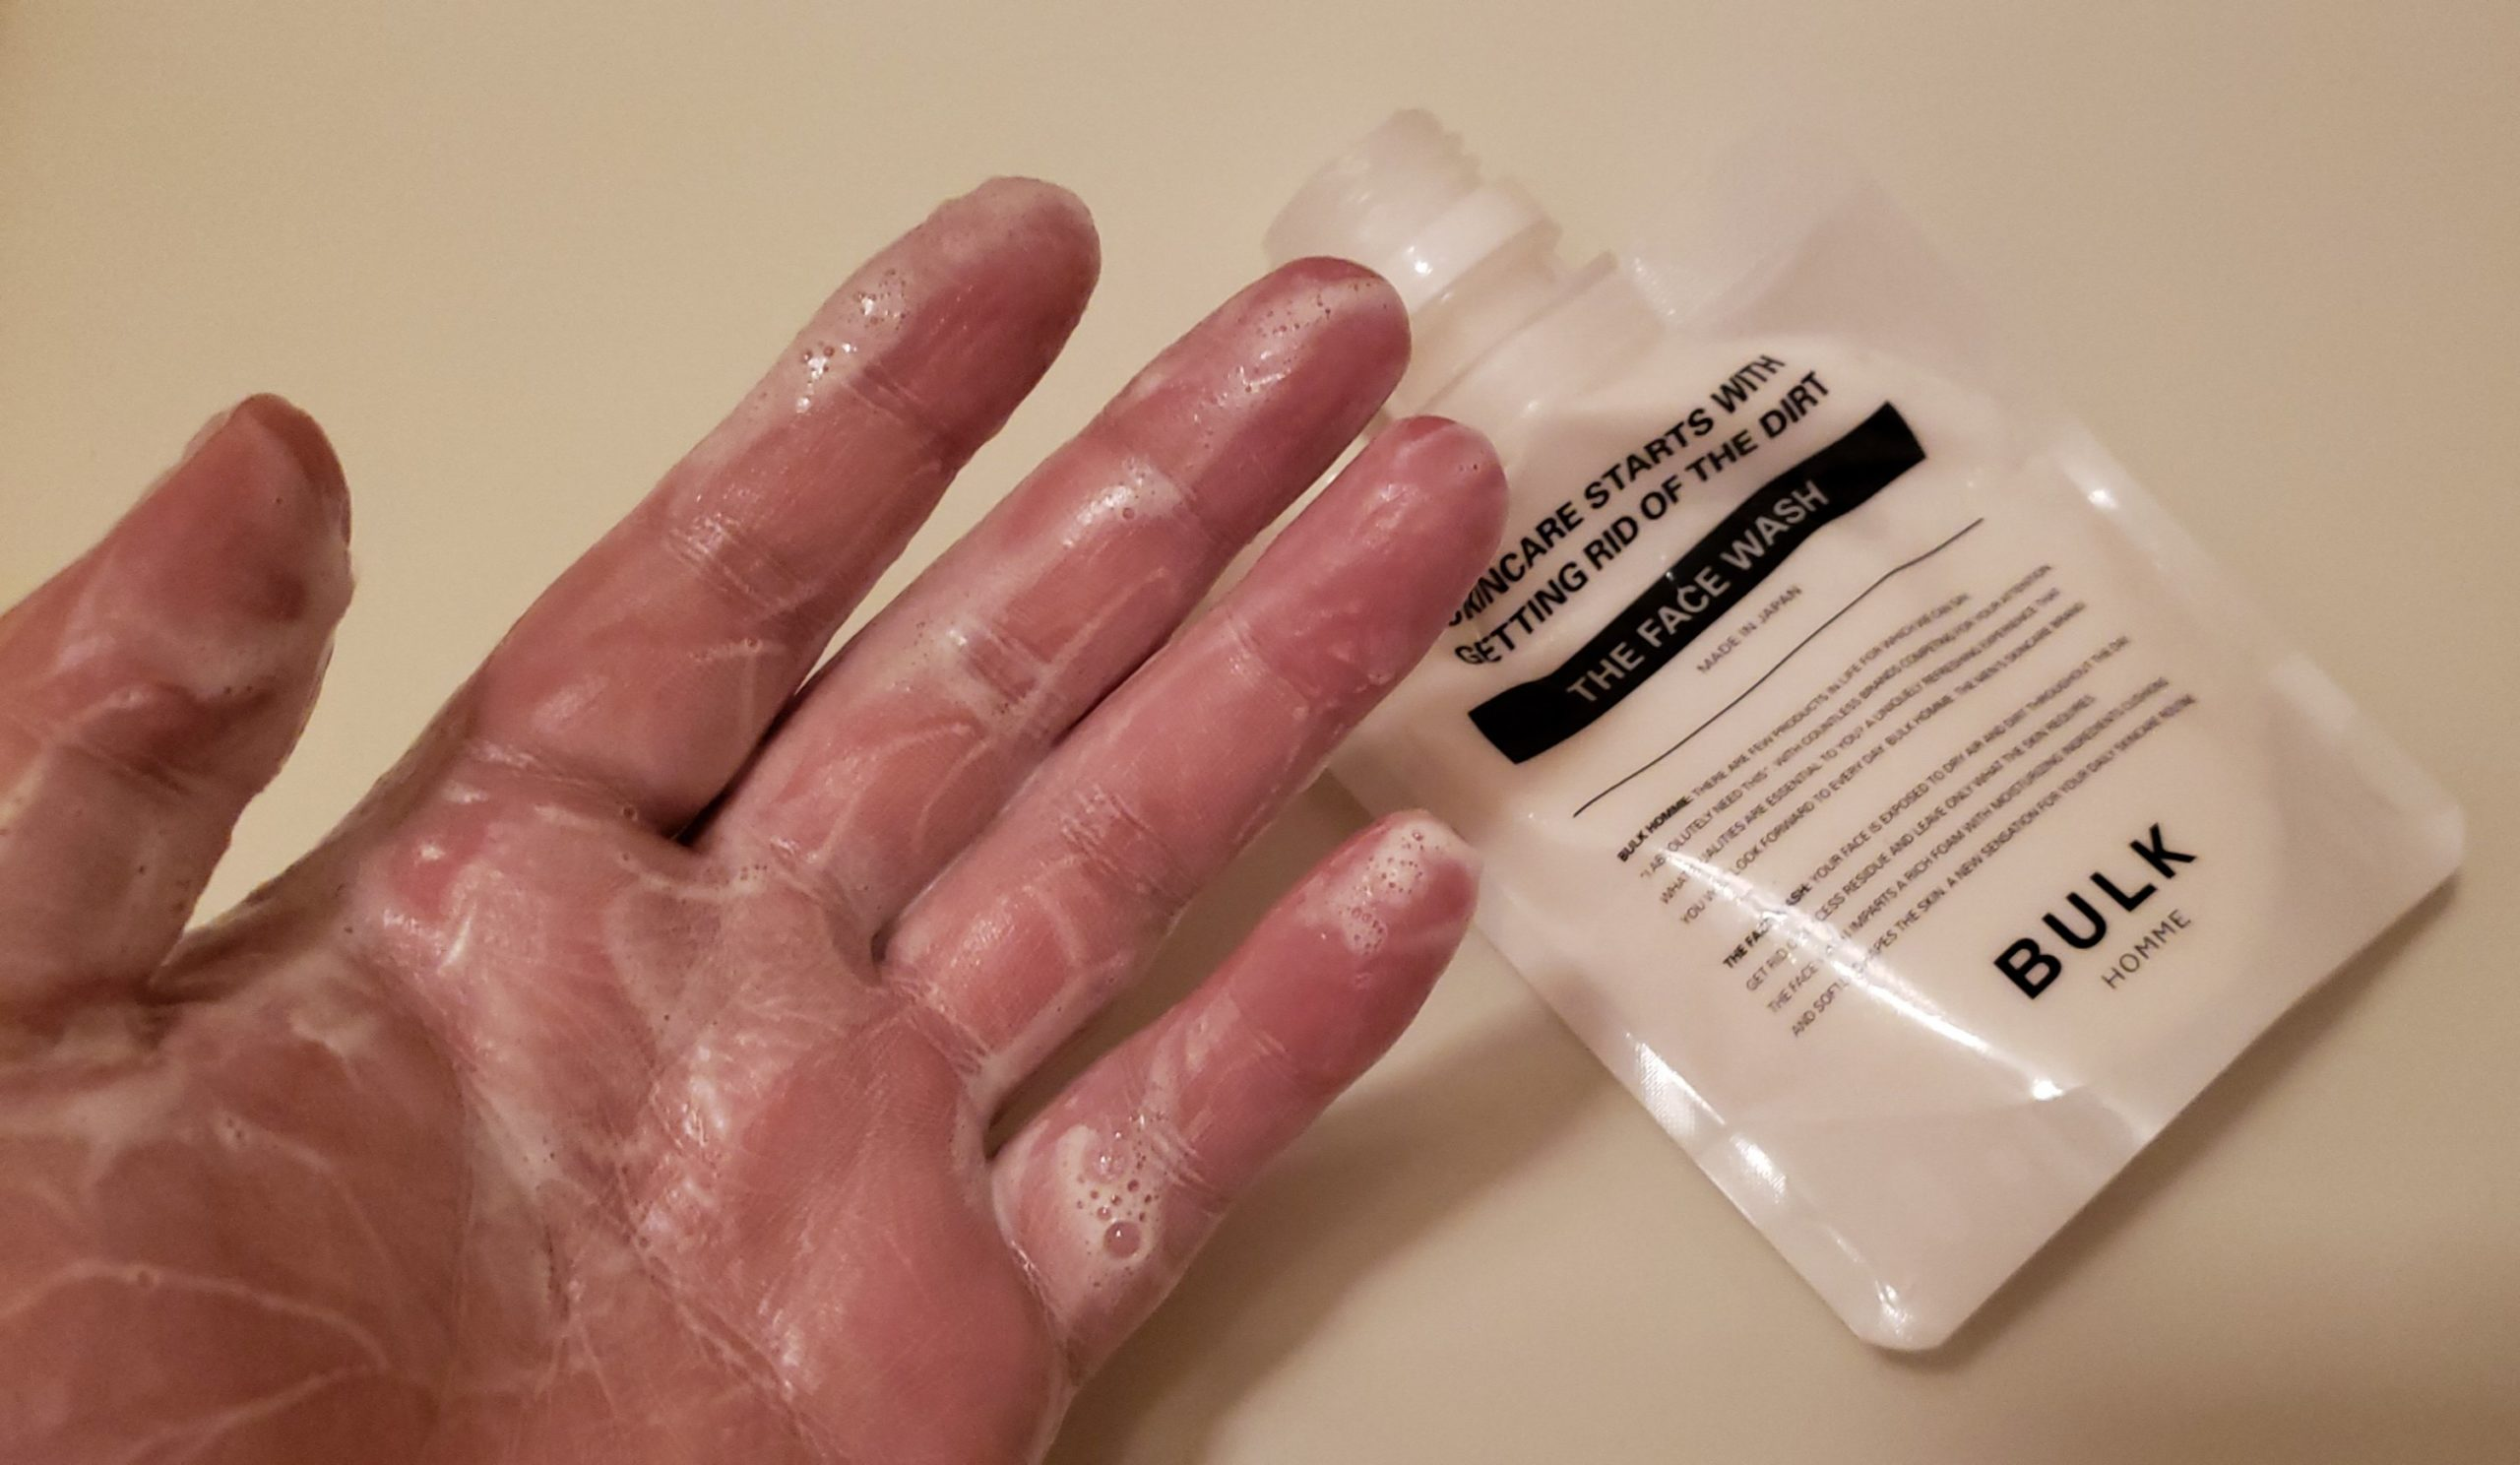 バルクオムの間違った洗顔方法